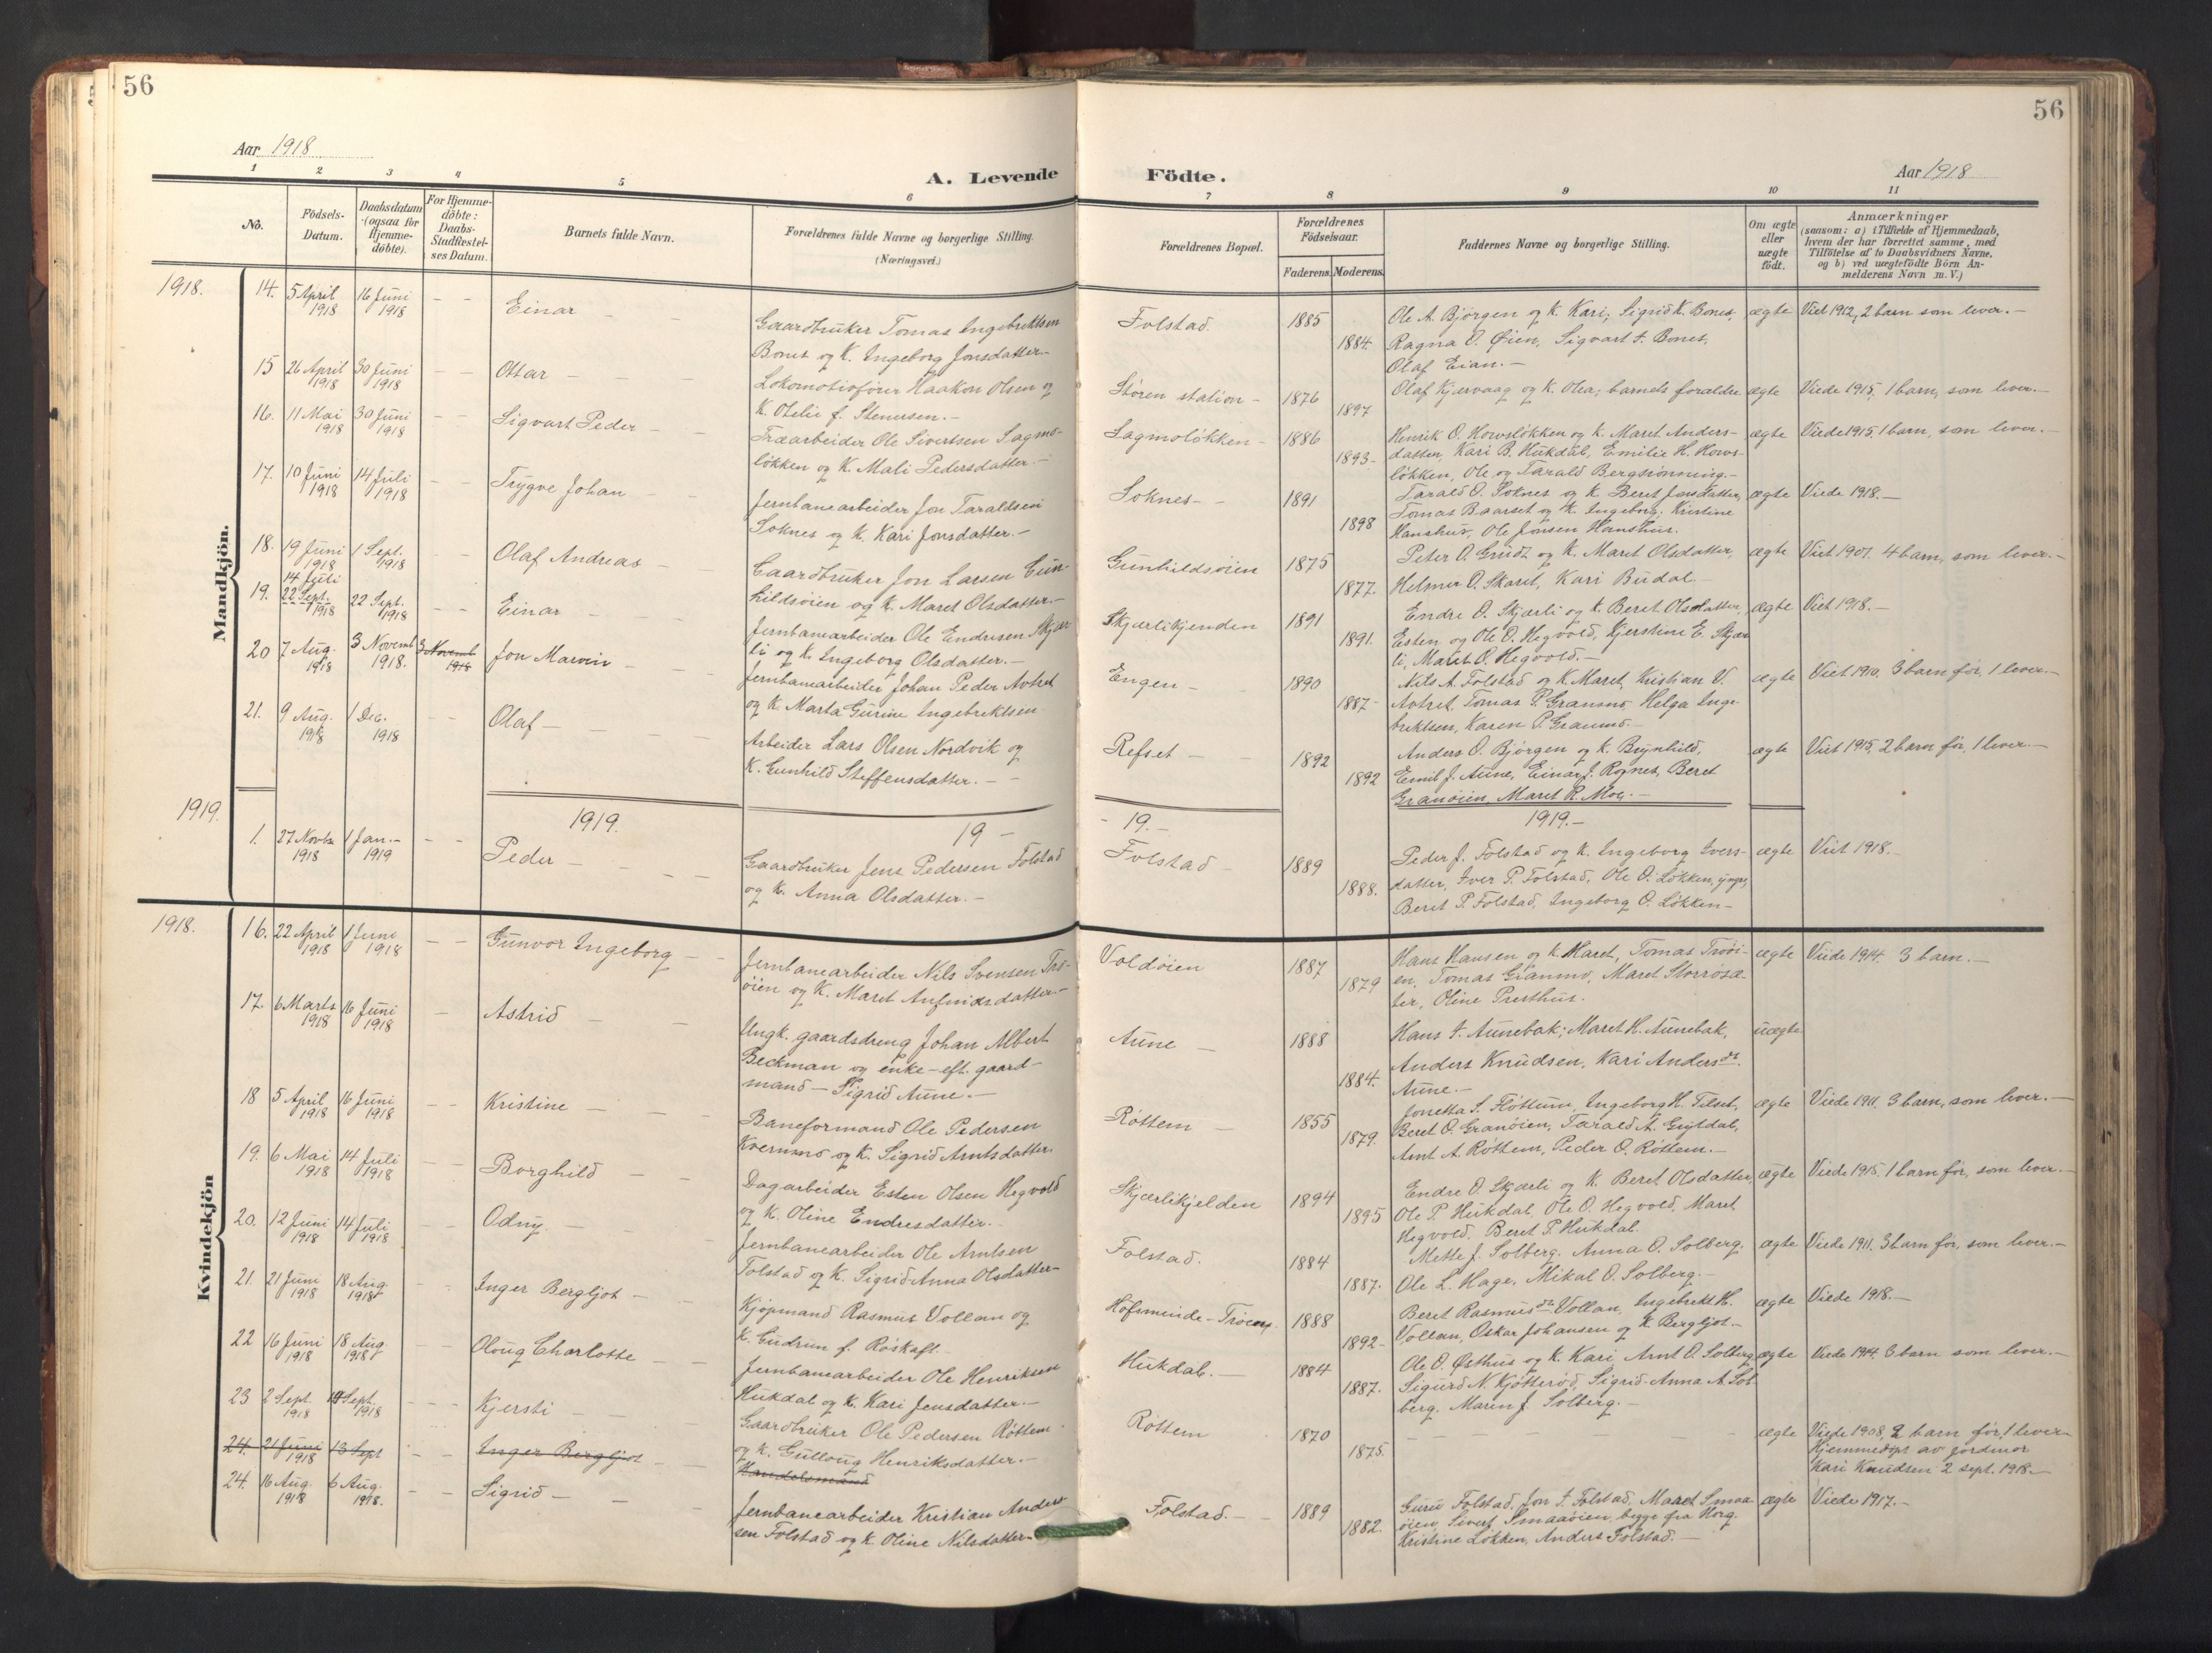 SAT, Ministerialprotokoller, klokkerbøker og fødselsregistre - Sør-Trøndelag, 687/L1019: Klokkerbok nr. 687C03, 1904-1931, s. 56